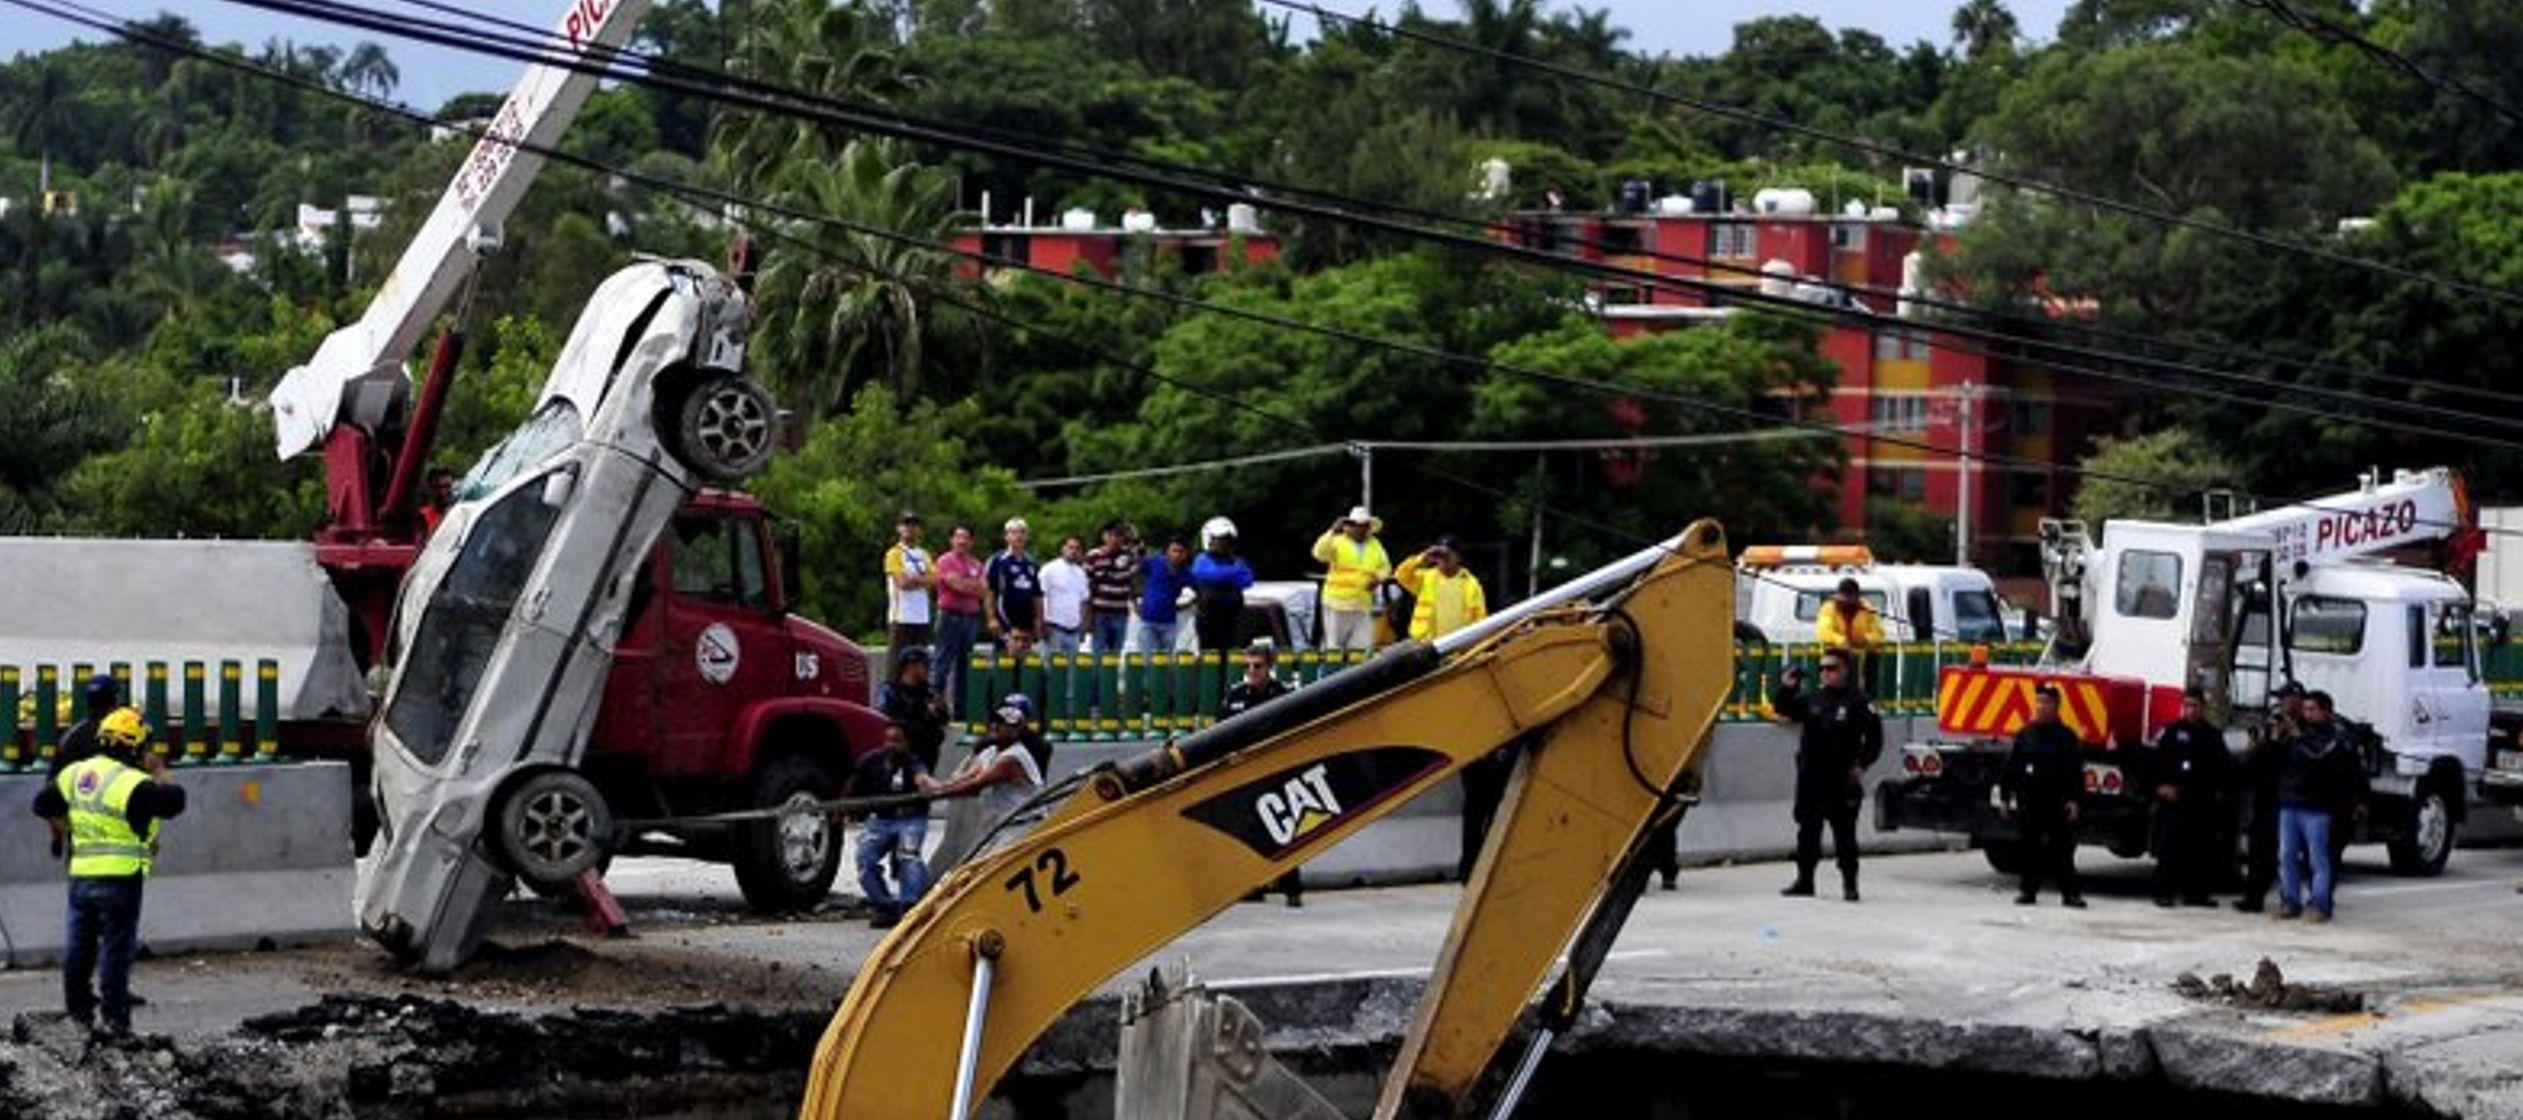 Los residentes habían advertido semanas antes a las autoridades sobre el drenaje pero el...